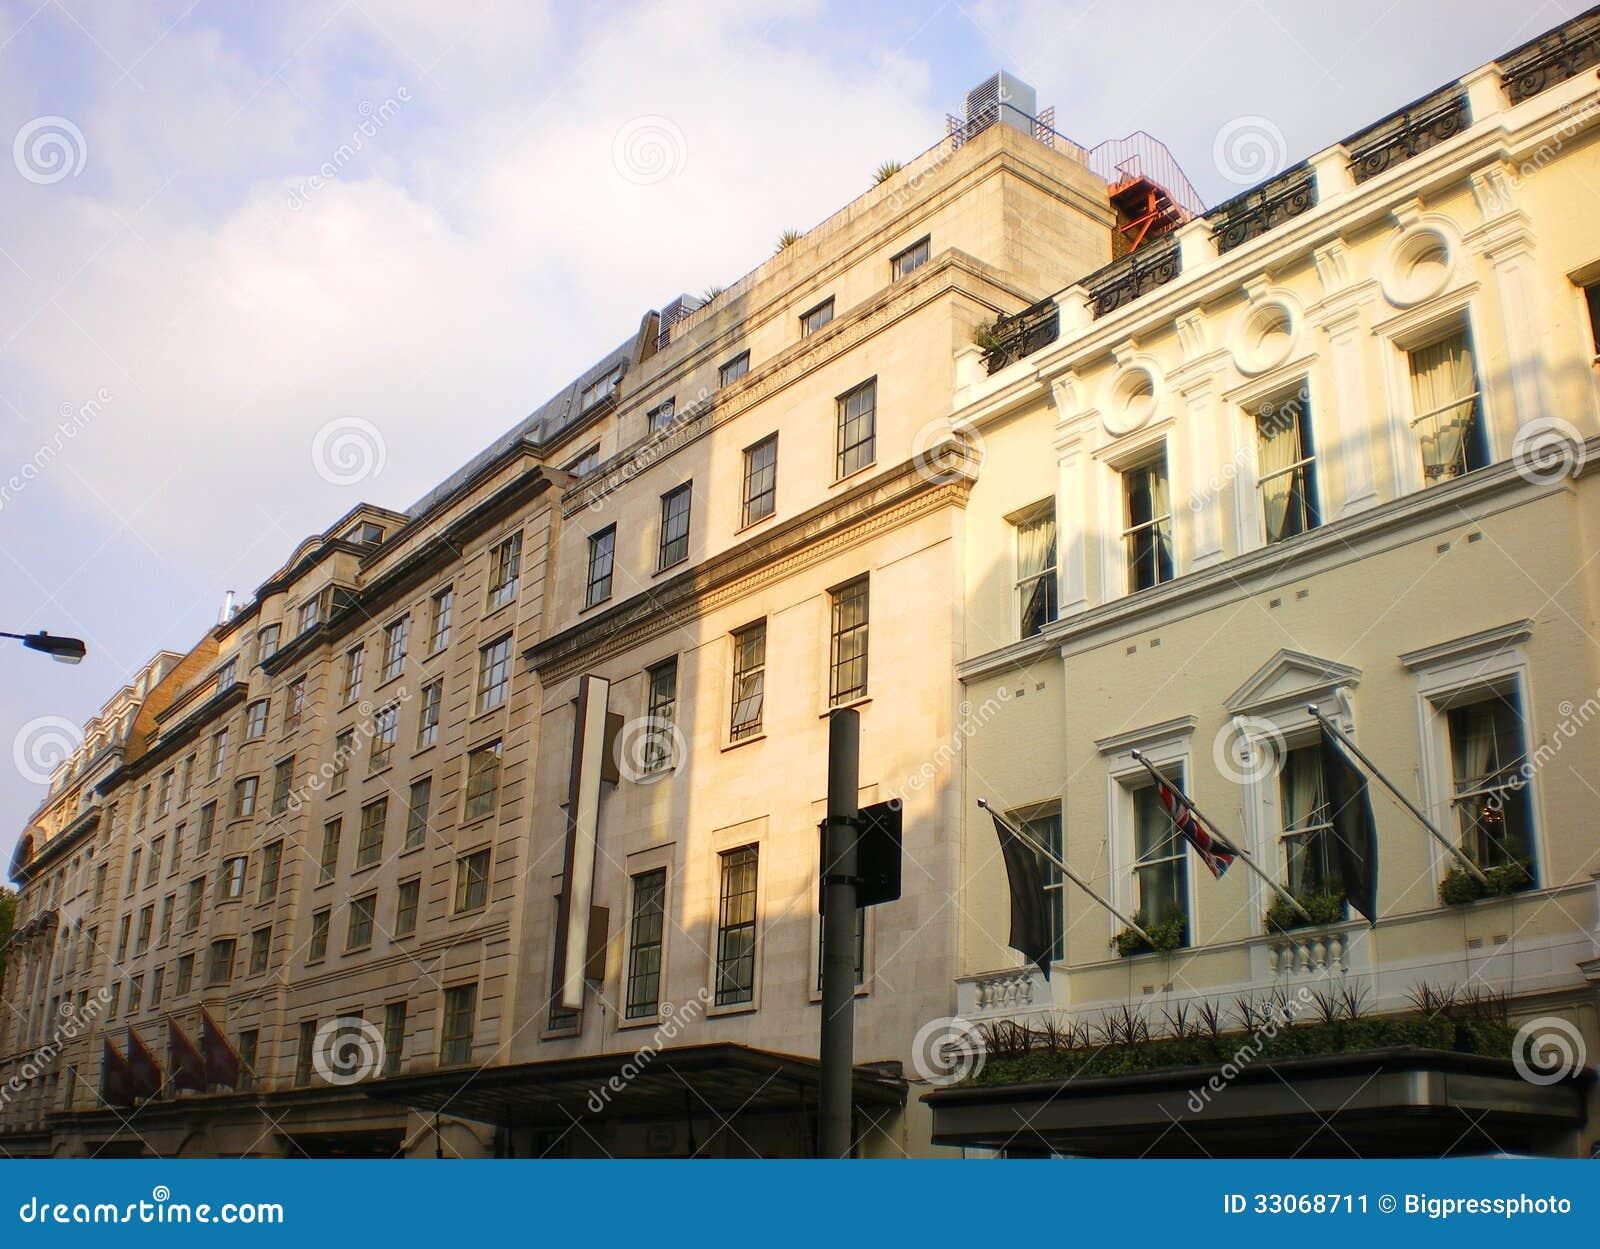 Apartamentos de lujo londres del west end imagen de - Apartamentos lujo londres ...